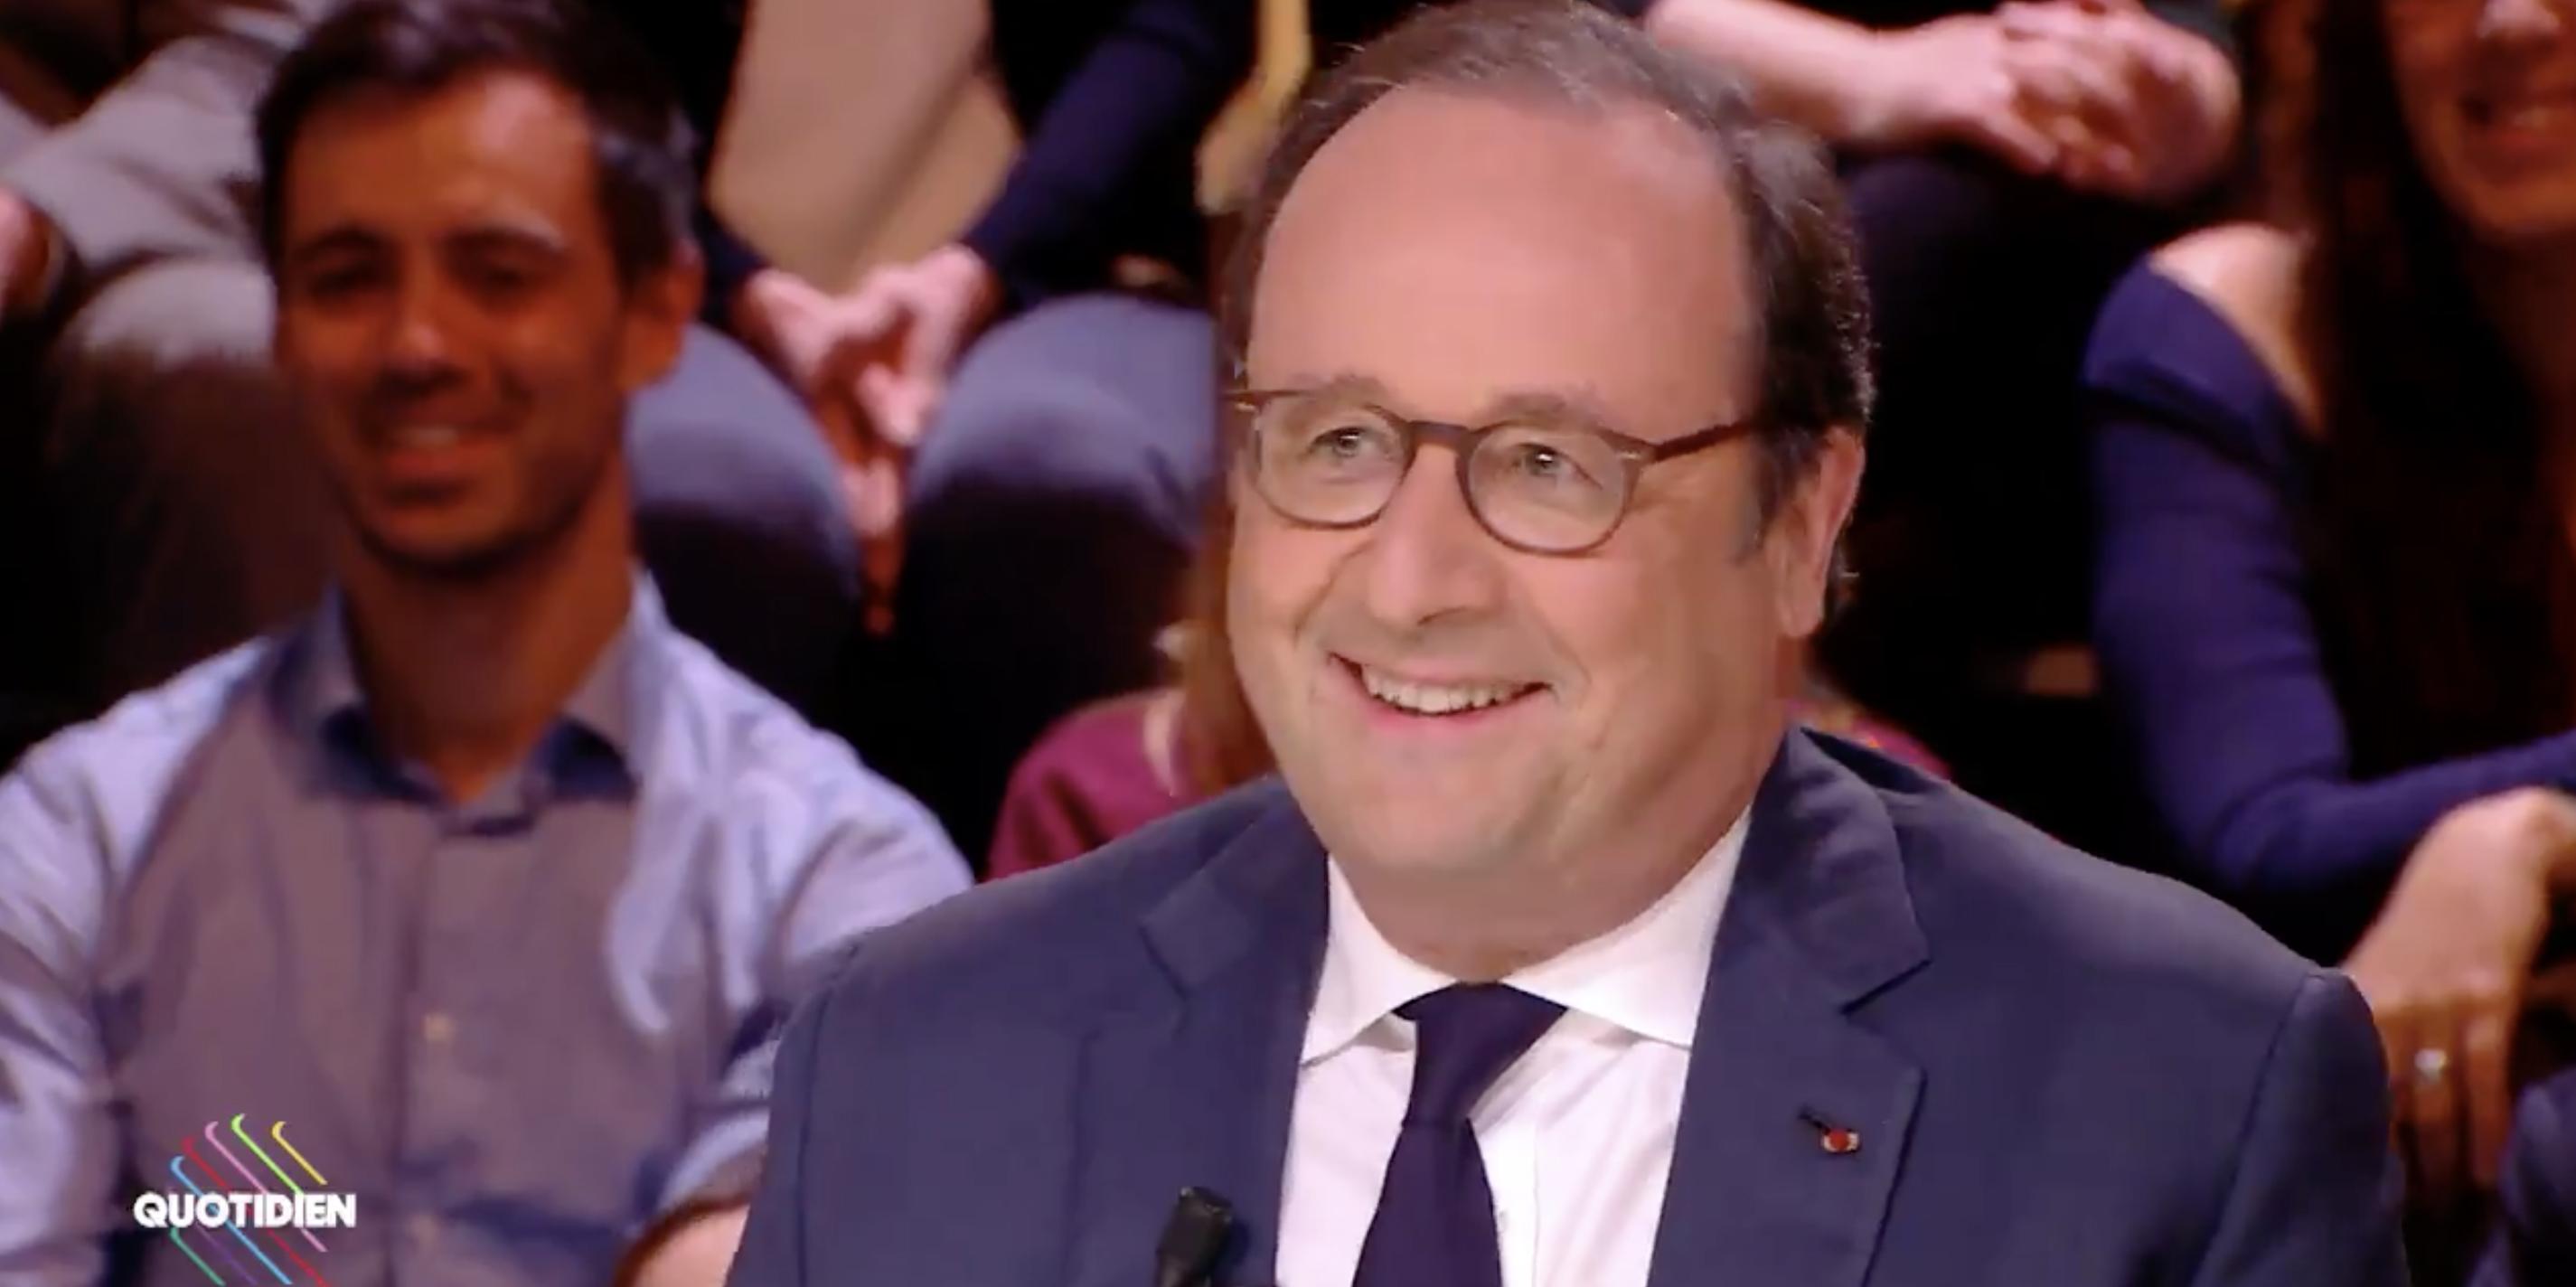 «Emmanuel Macron est passif dans le couple», la drôle de blague de François Hollande à propos de Macron et Trump